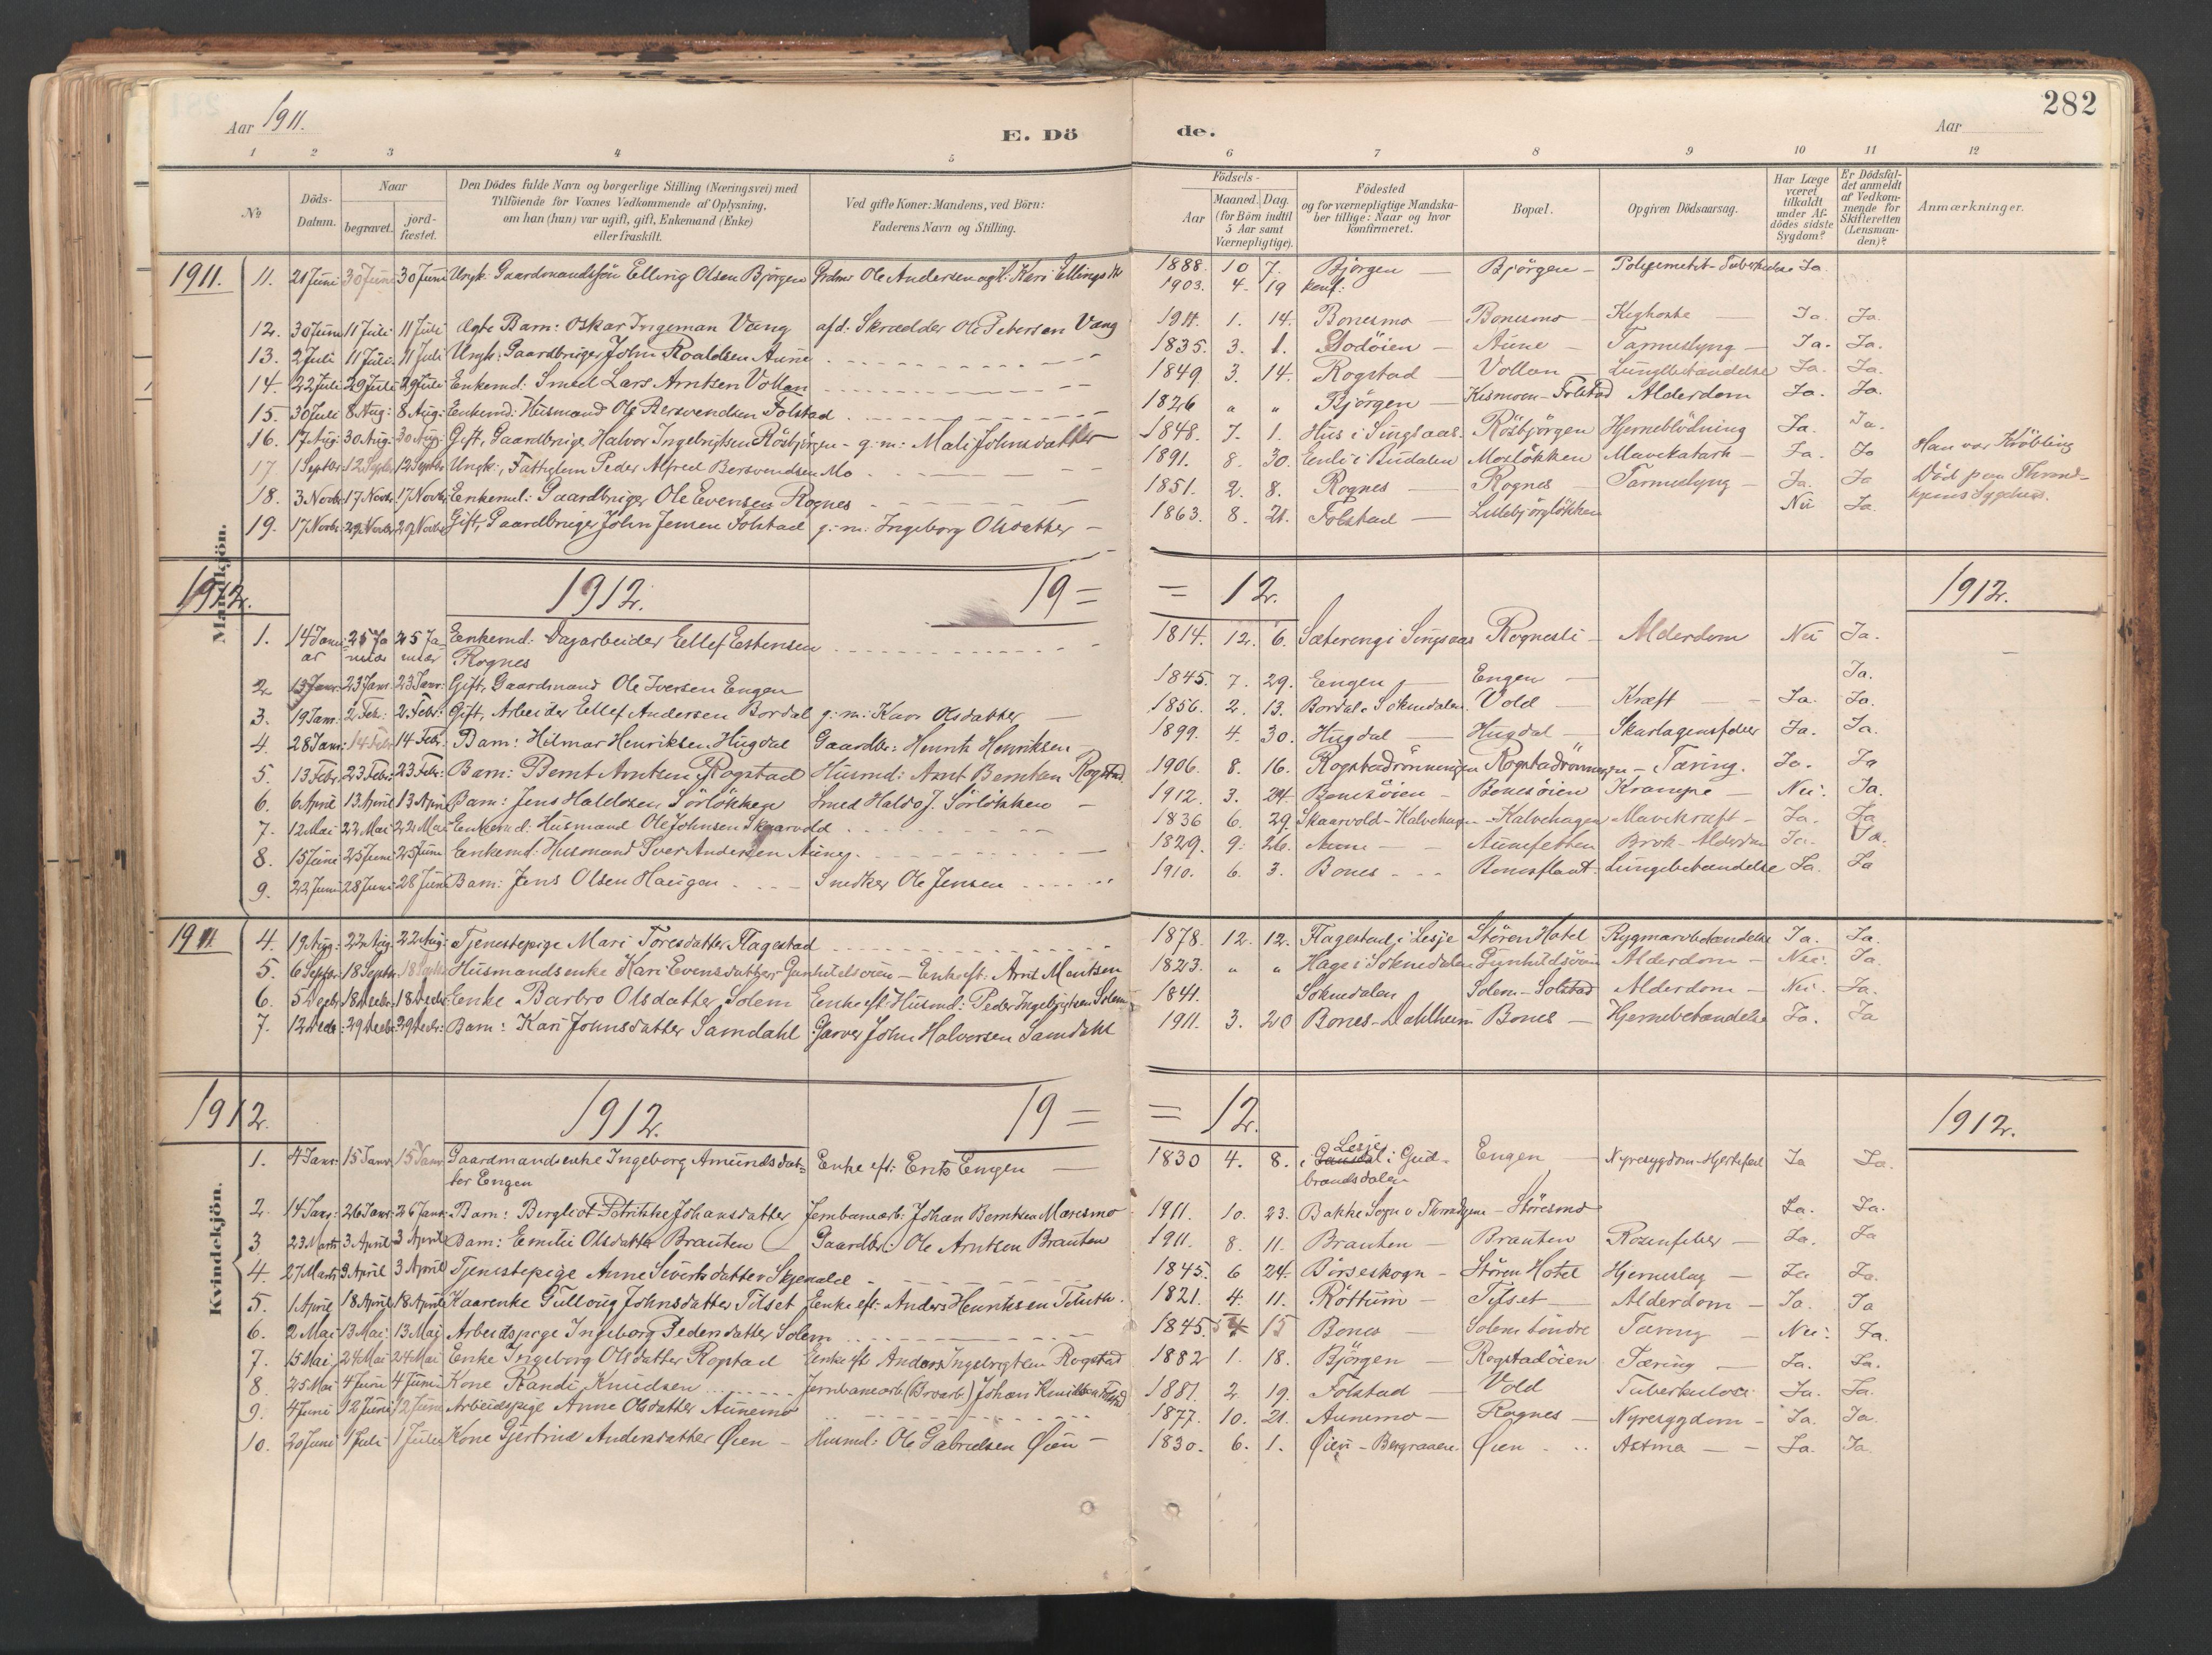 SAT, Ministerialprotokoller, klokkerbøker og fødselsregistre - Sør-Trøndelag, 687/L1004: Ministerialbok nr. 687A10, 1891-1923, s. 282